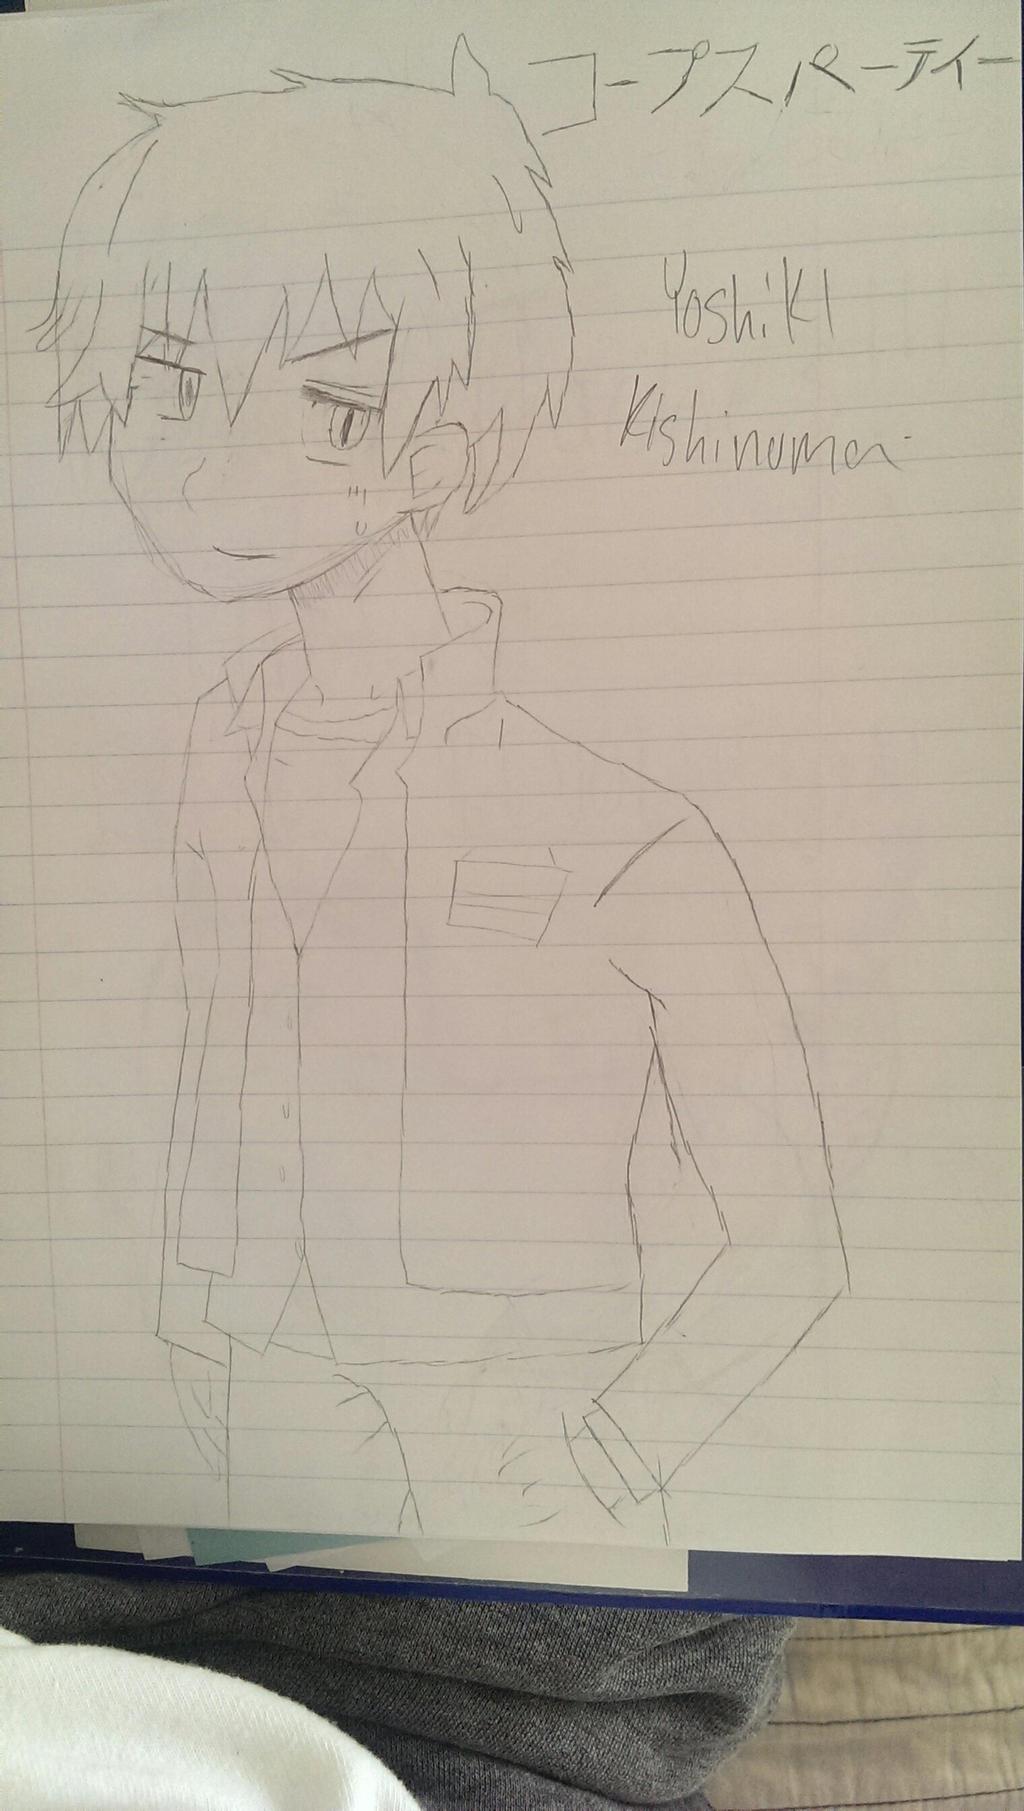 Yoshiki Kishinuma